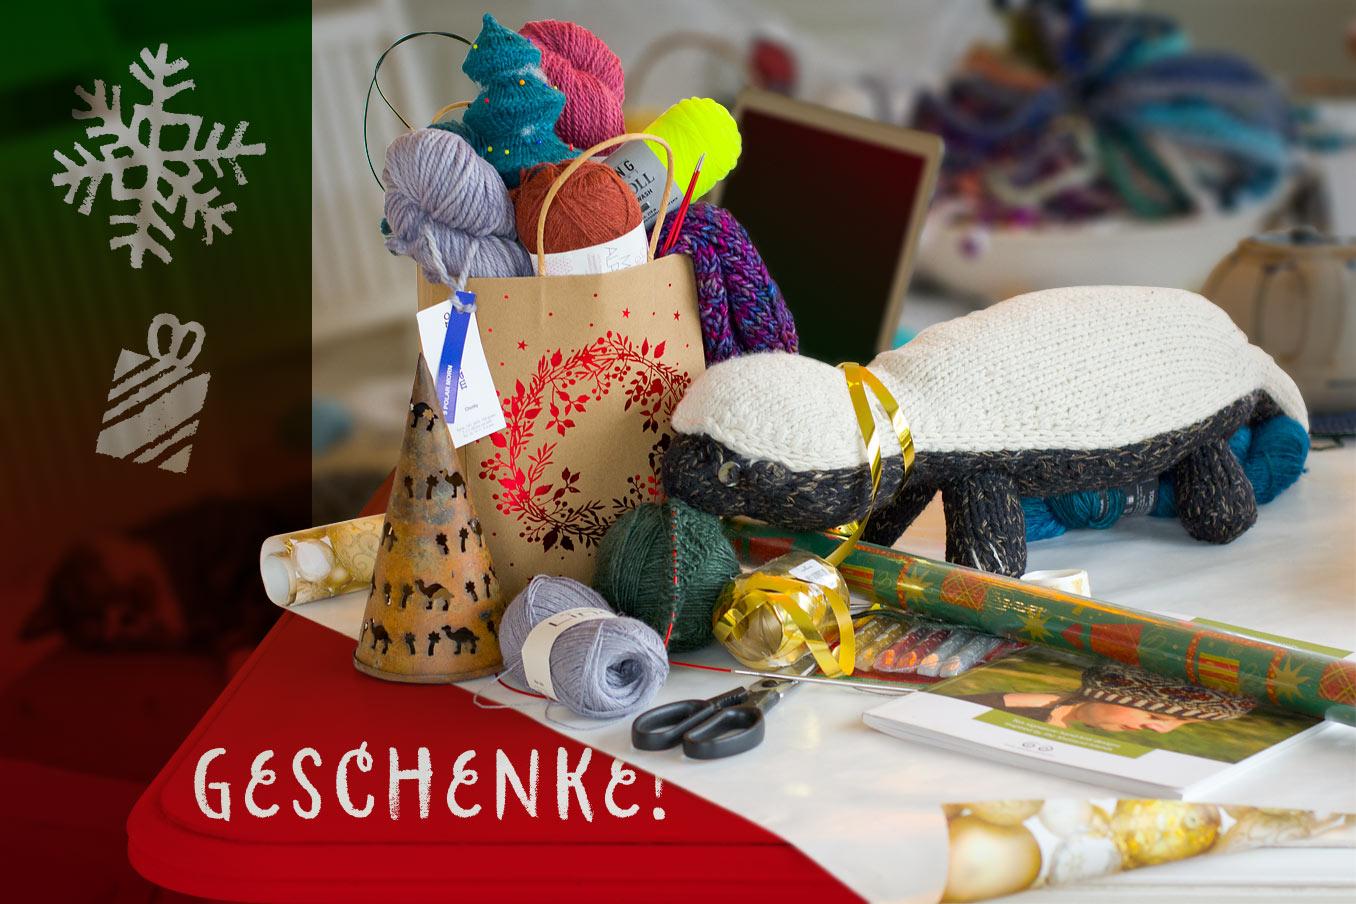 """Bild für Beitrag """"Geschenke"""" 1"""